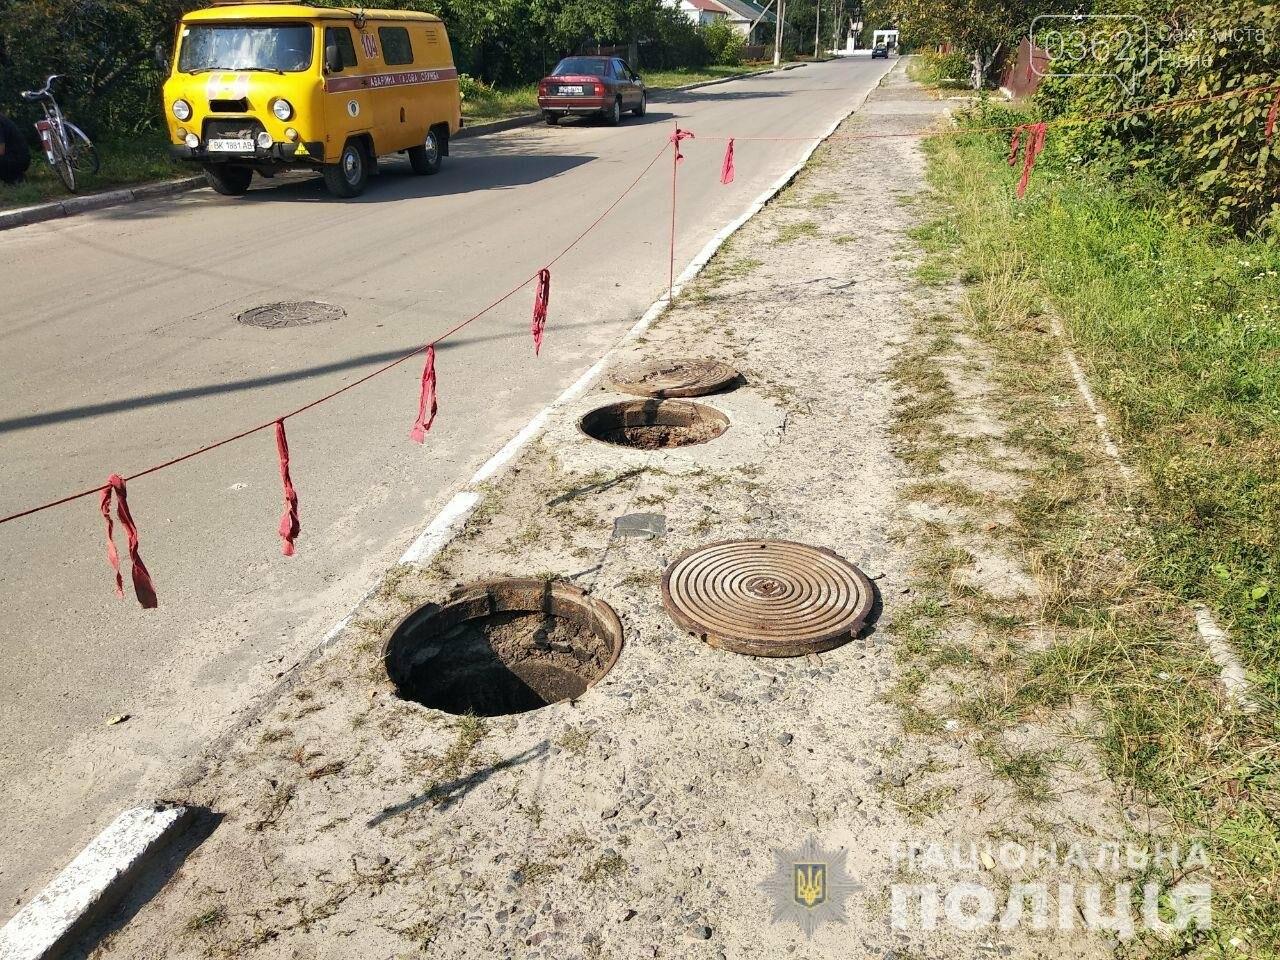 Кинули у каналізацію петарду та отримали опіки: на Рівненщині постраждали підлітки , фото-2